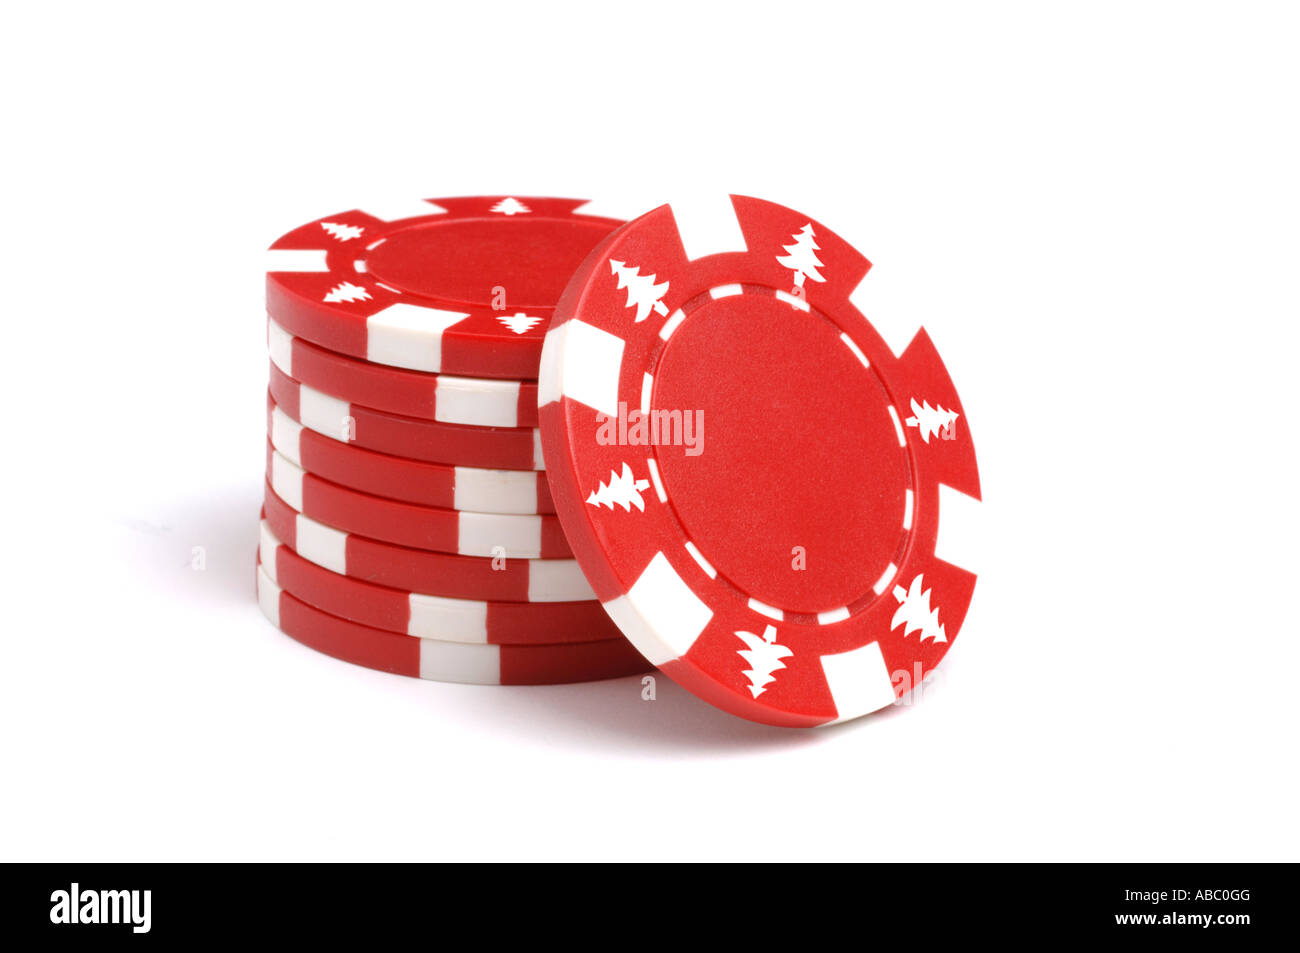 Roten Pokerchips mit Weihnachtsbaum-Markierungen Stockbild